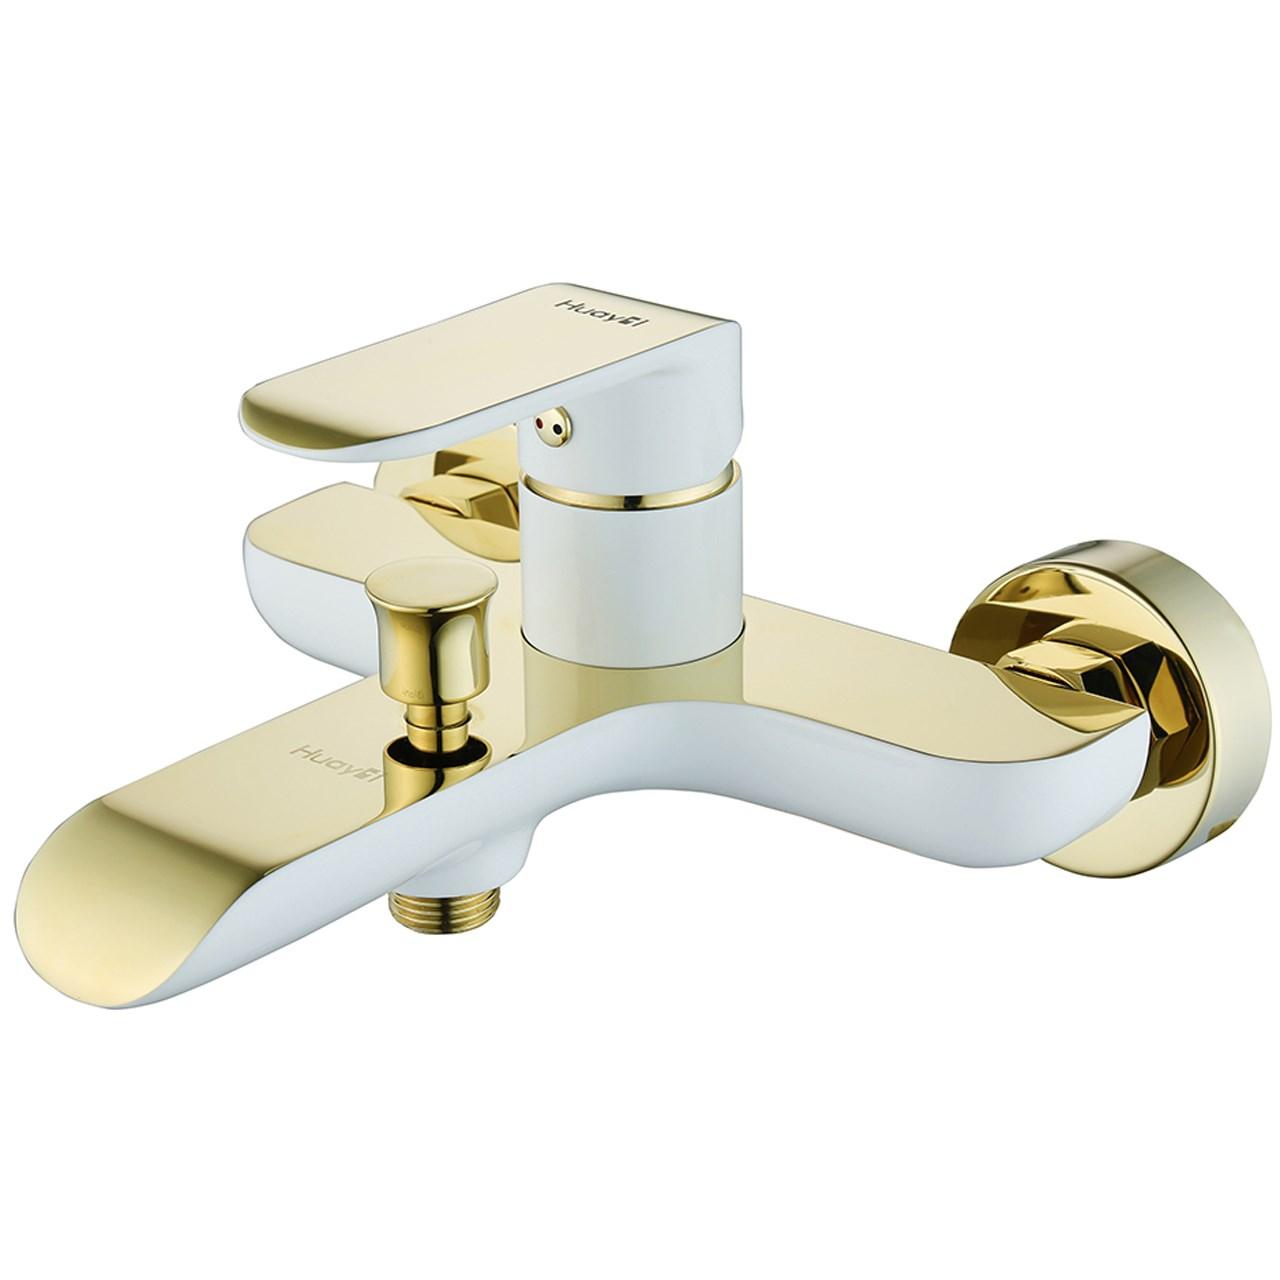 شیر حمام هوآیی مدل یولاندا سفید طلایی